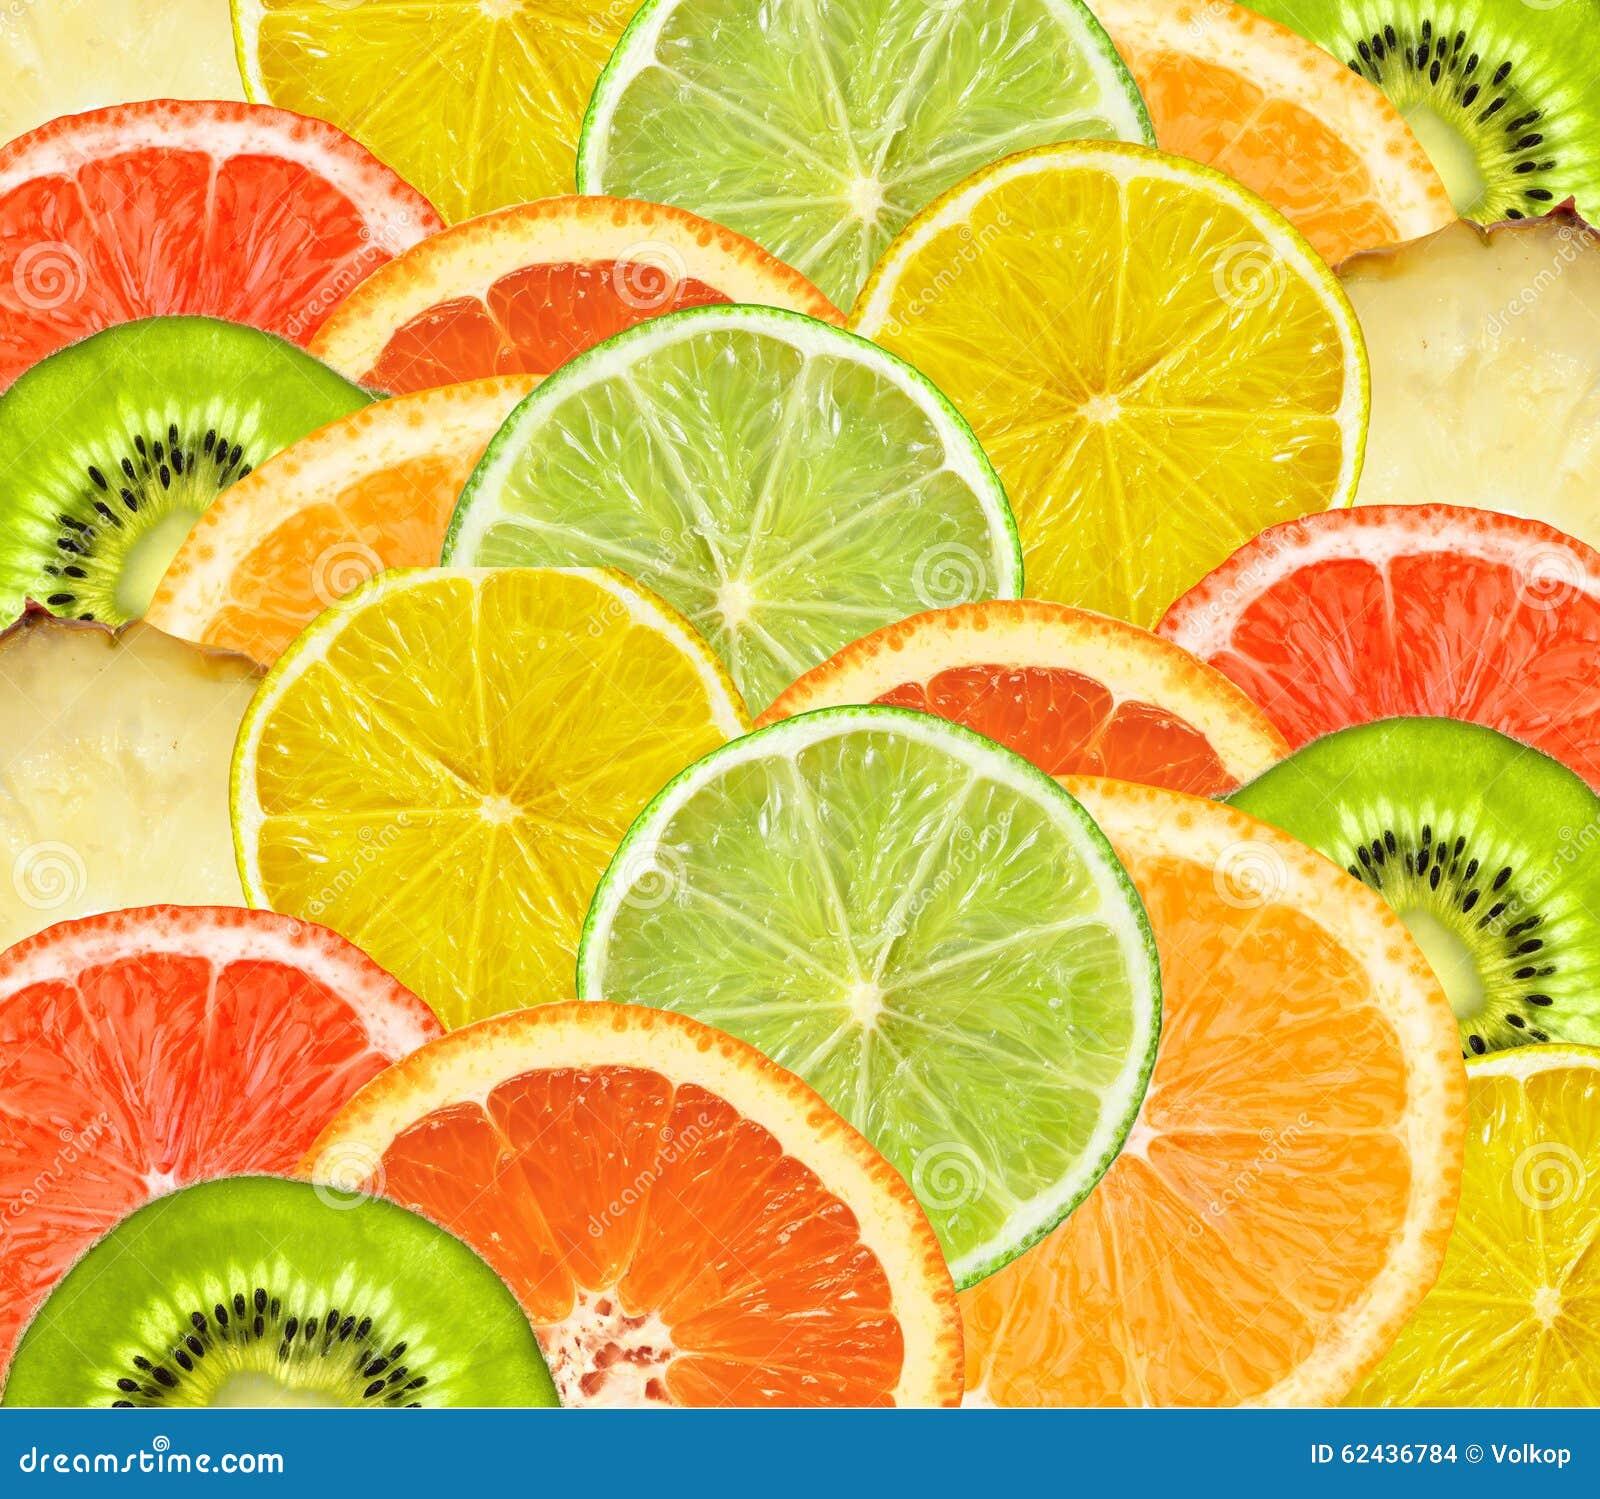 красивые картинки фруктов.